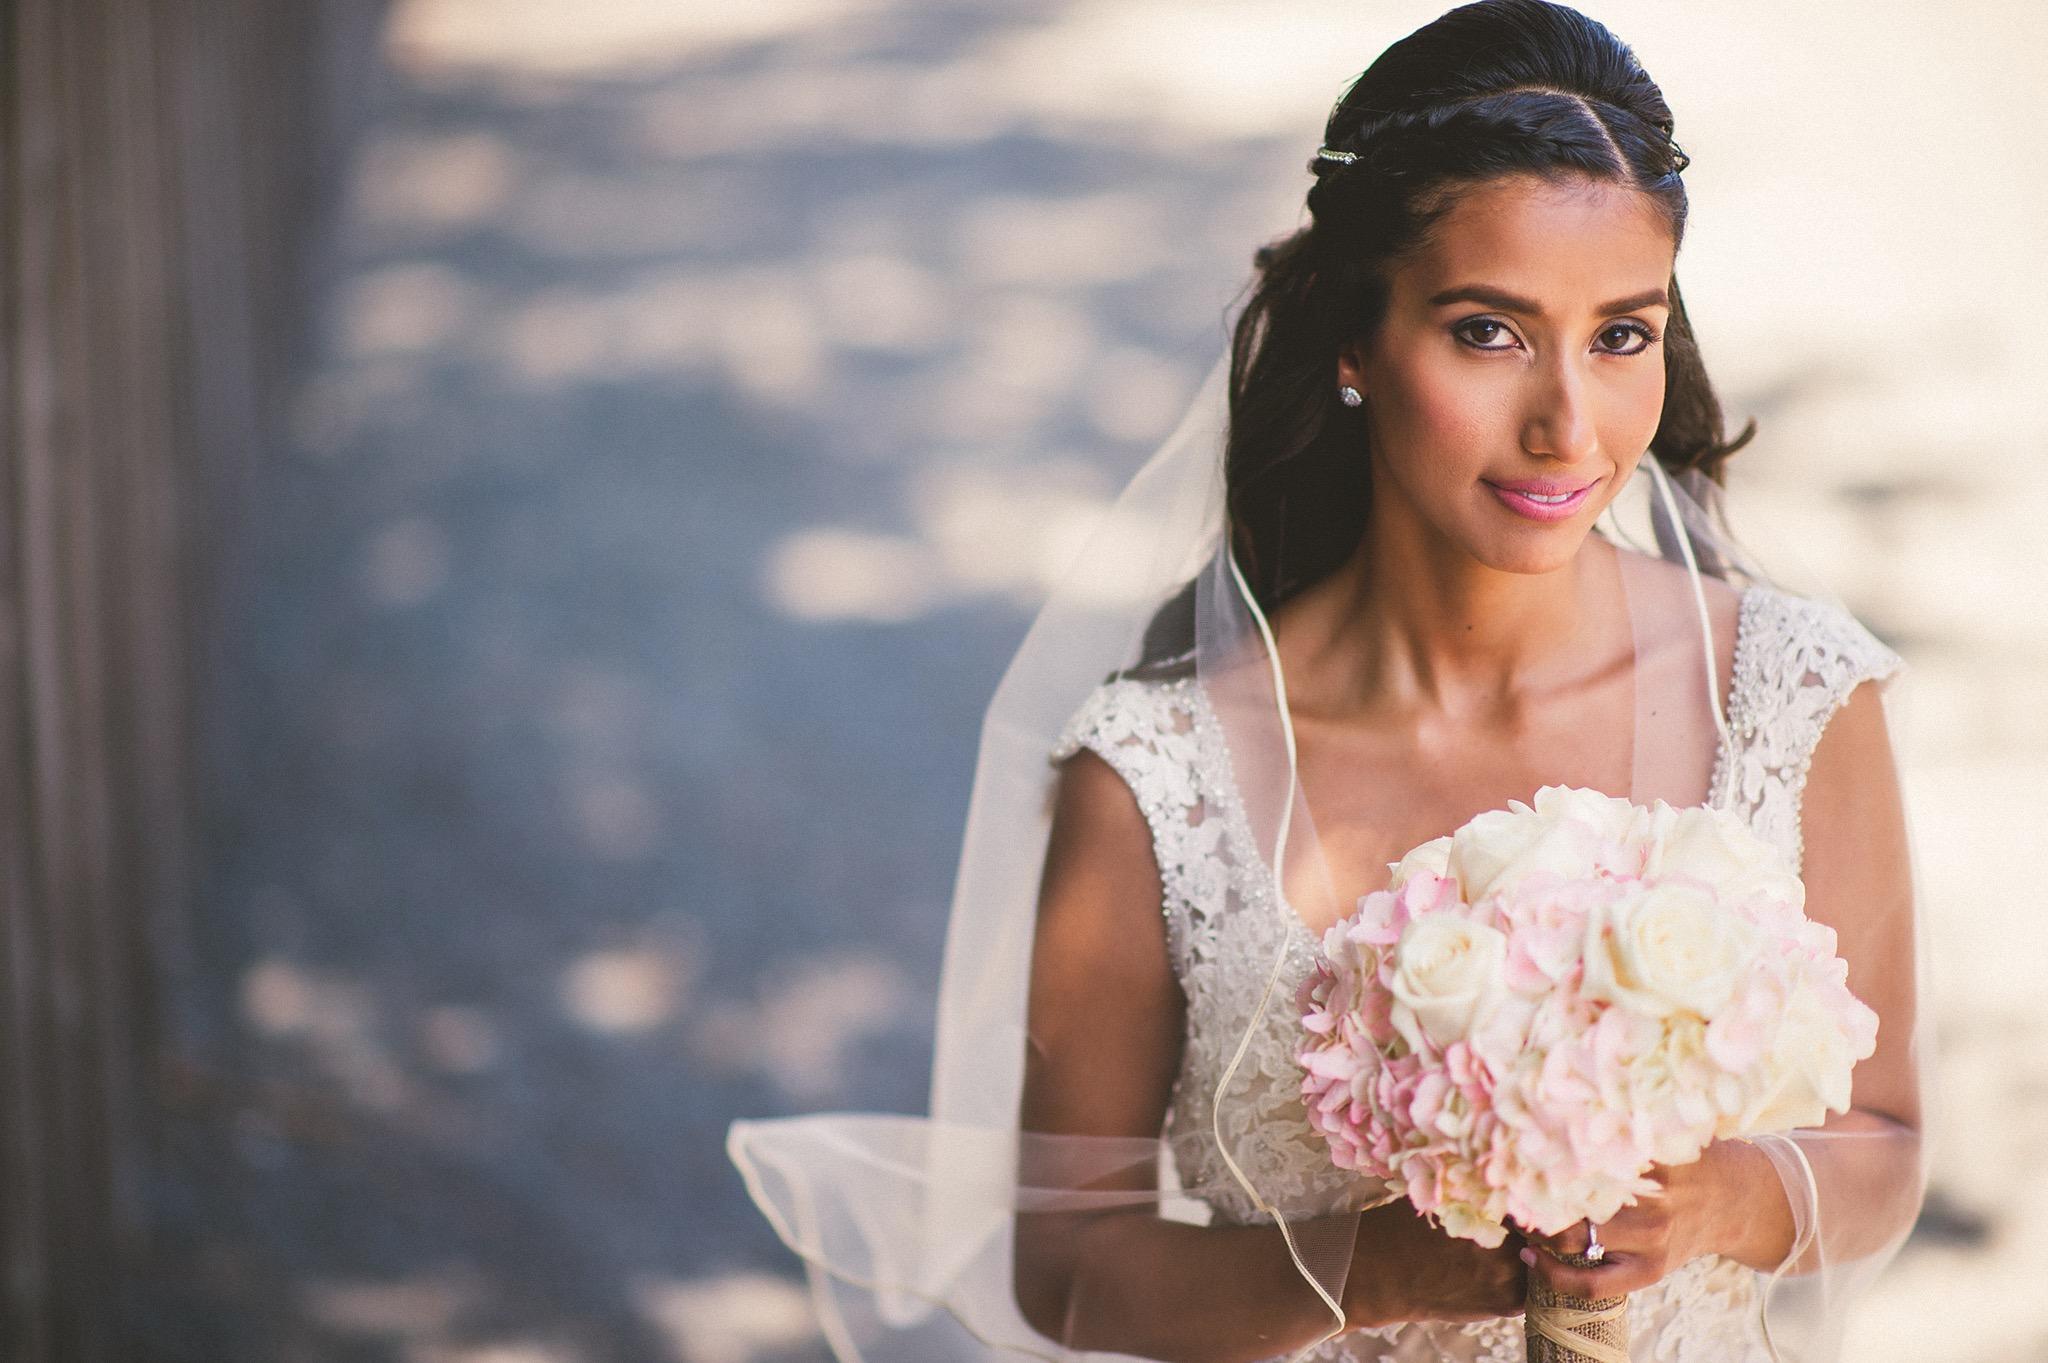 26-traditional-bridal-portraits.jpg